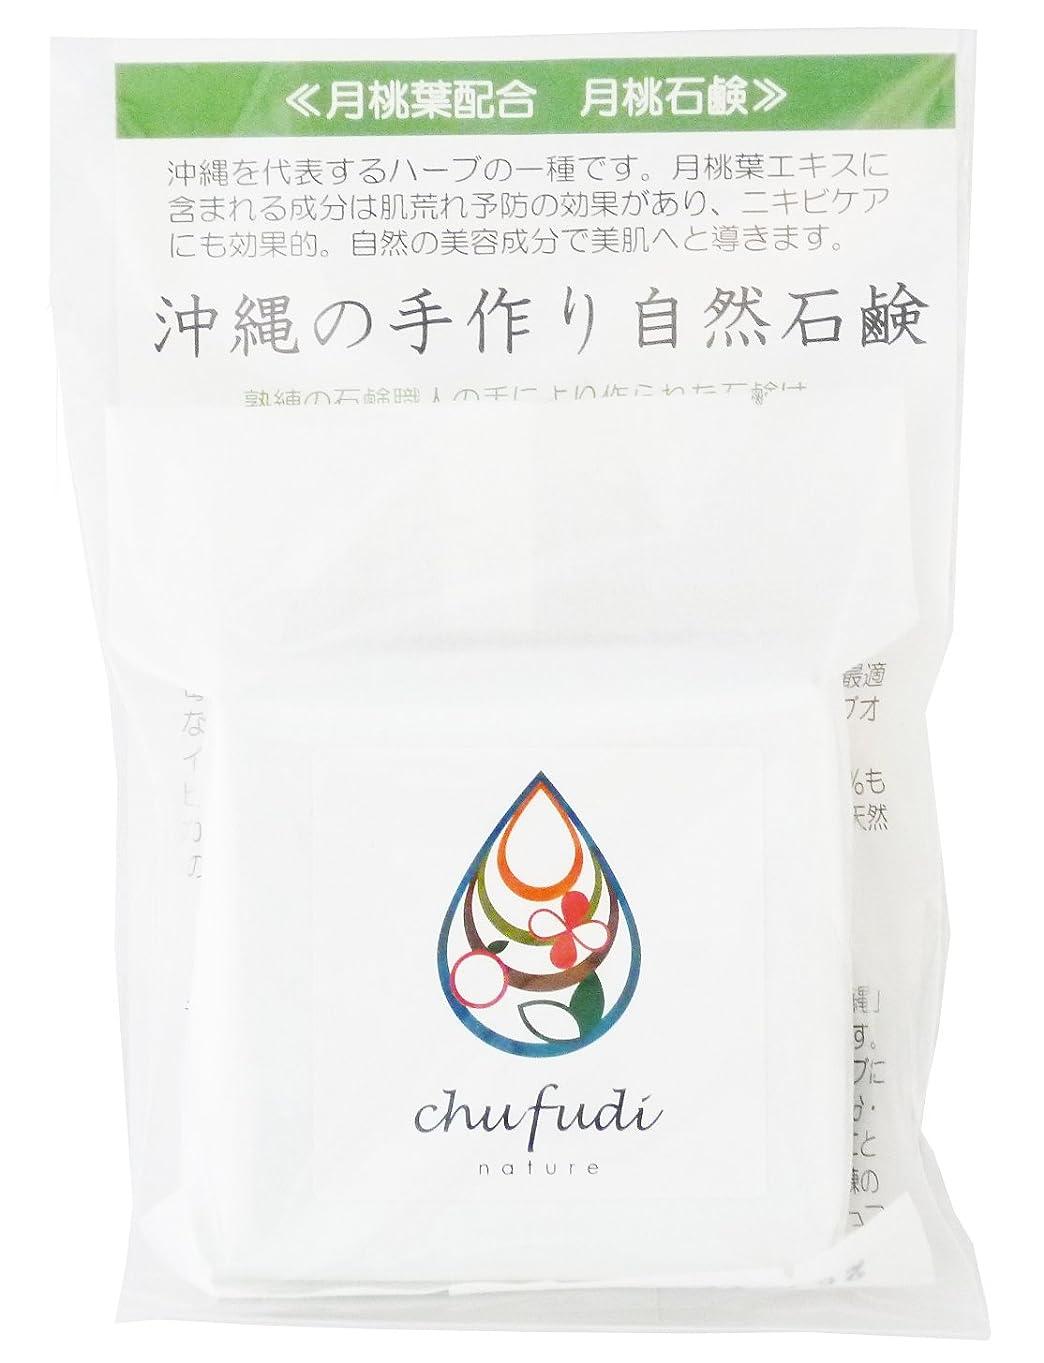 動物合併保育園チュフディ ナチュール 沖縄ハーブ 月桃石鹸